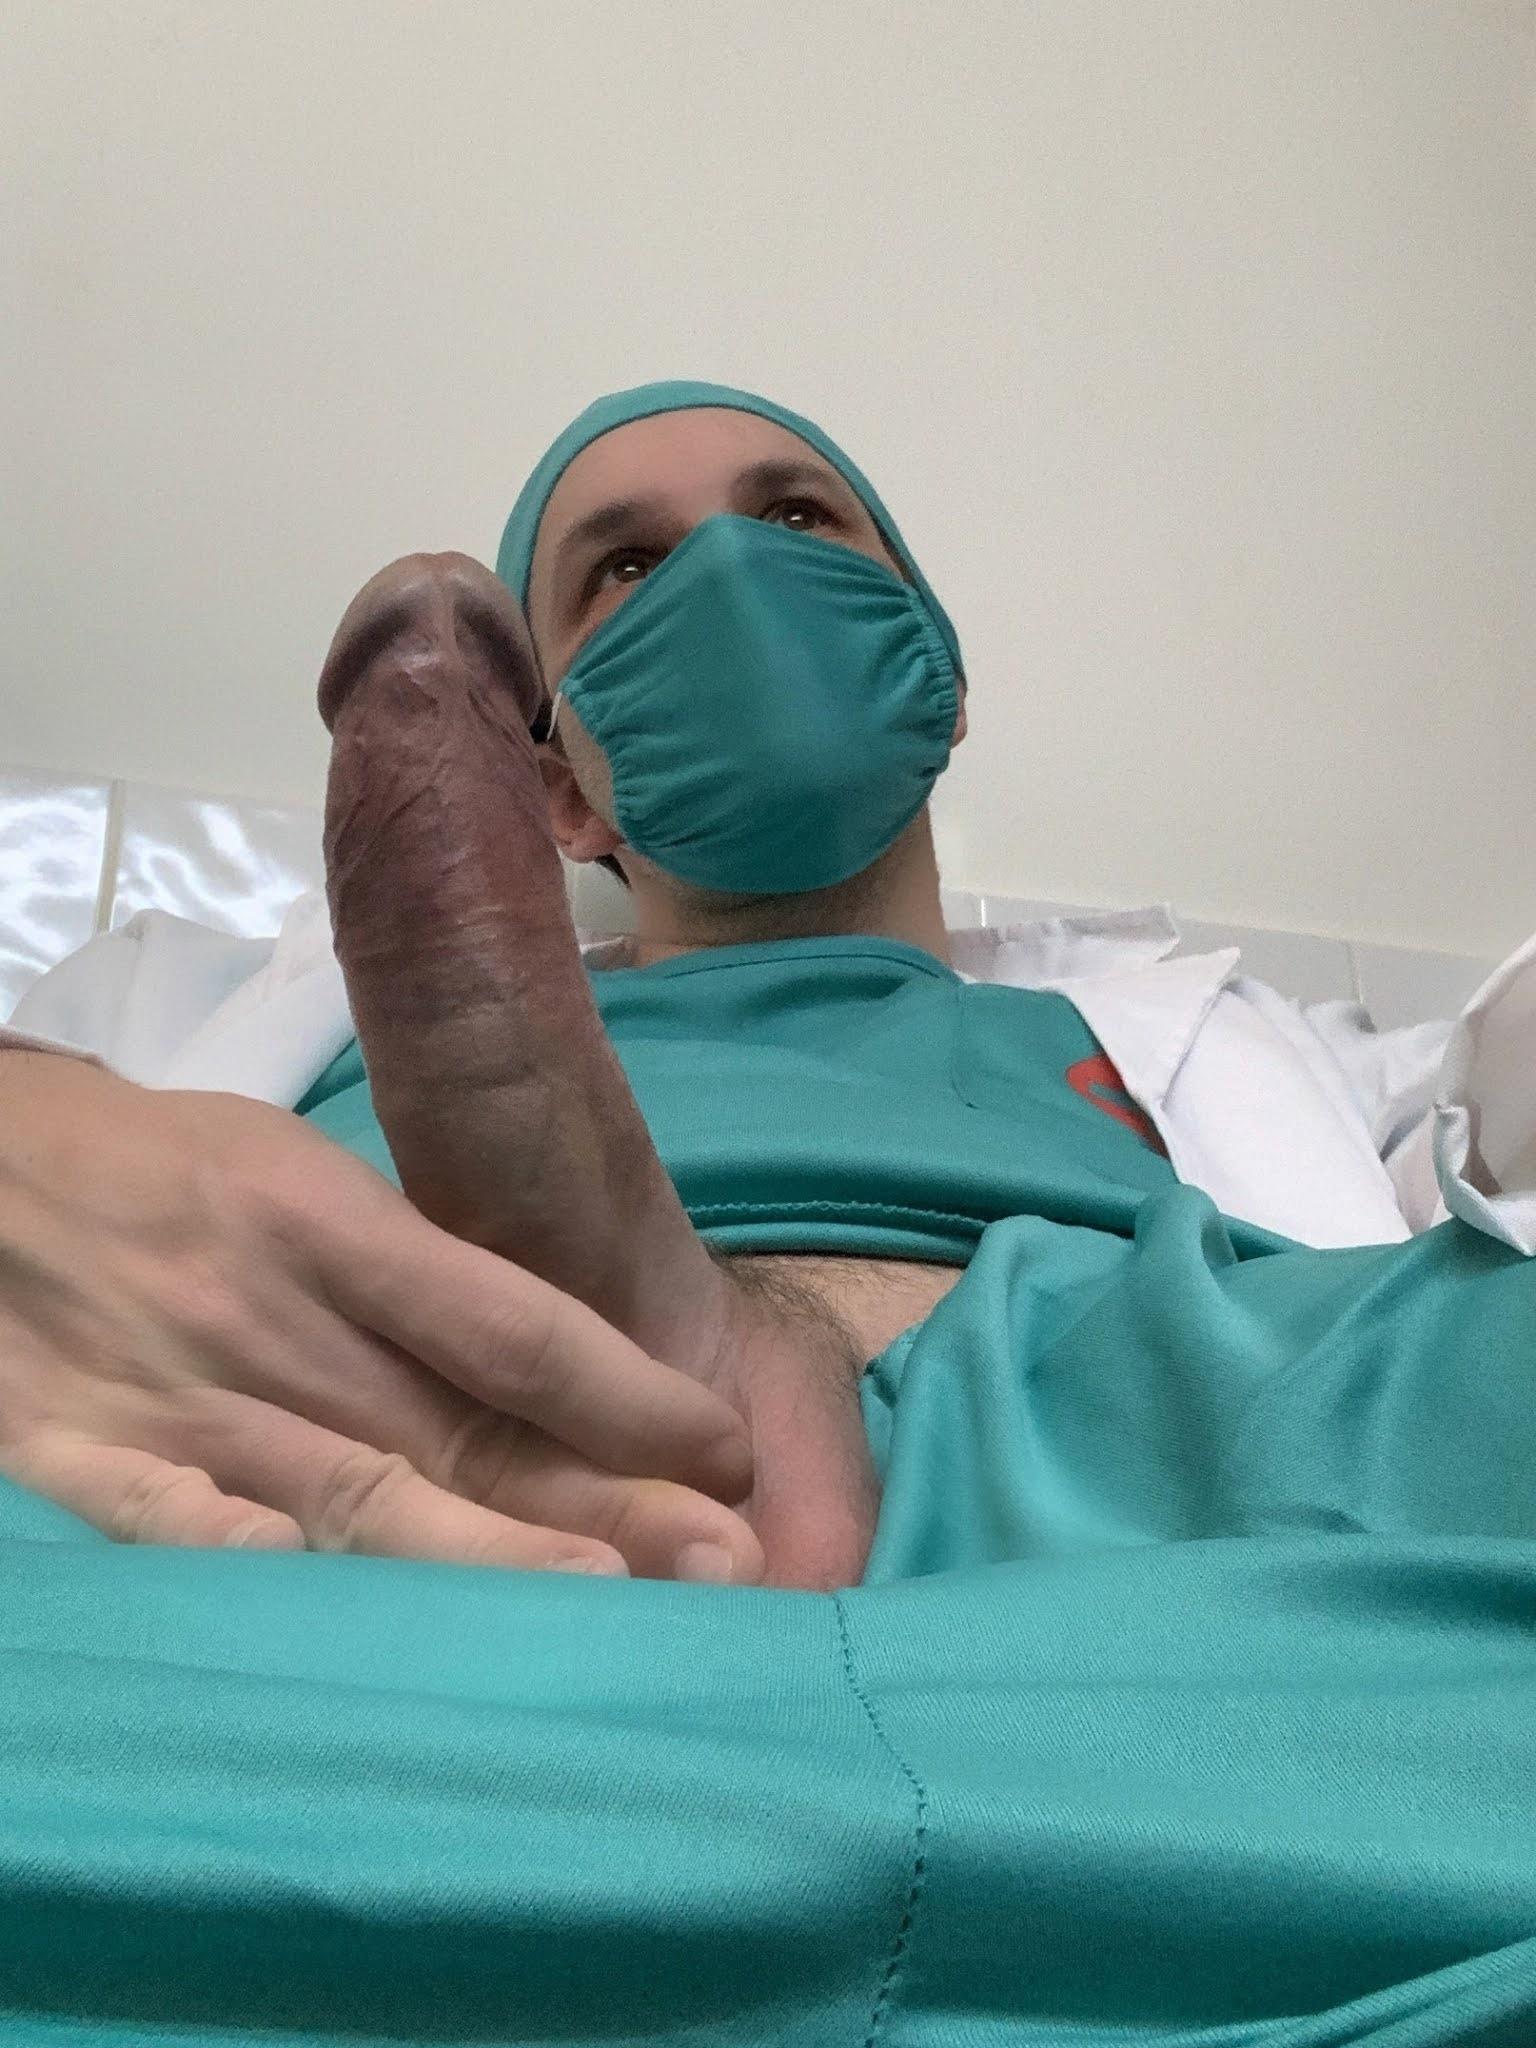 los penes de los enfermeros